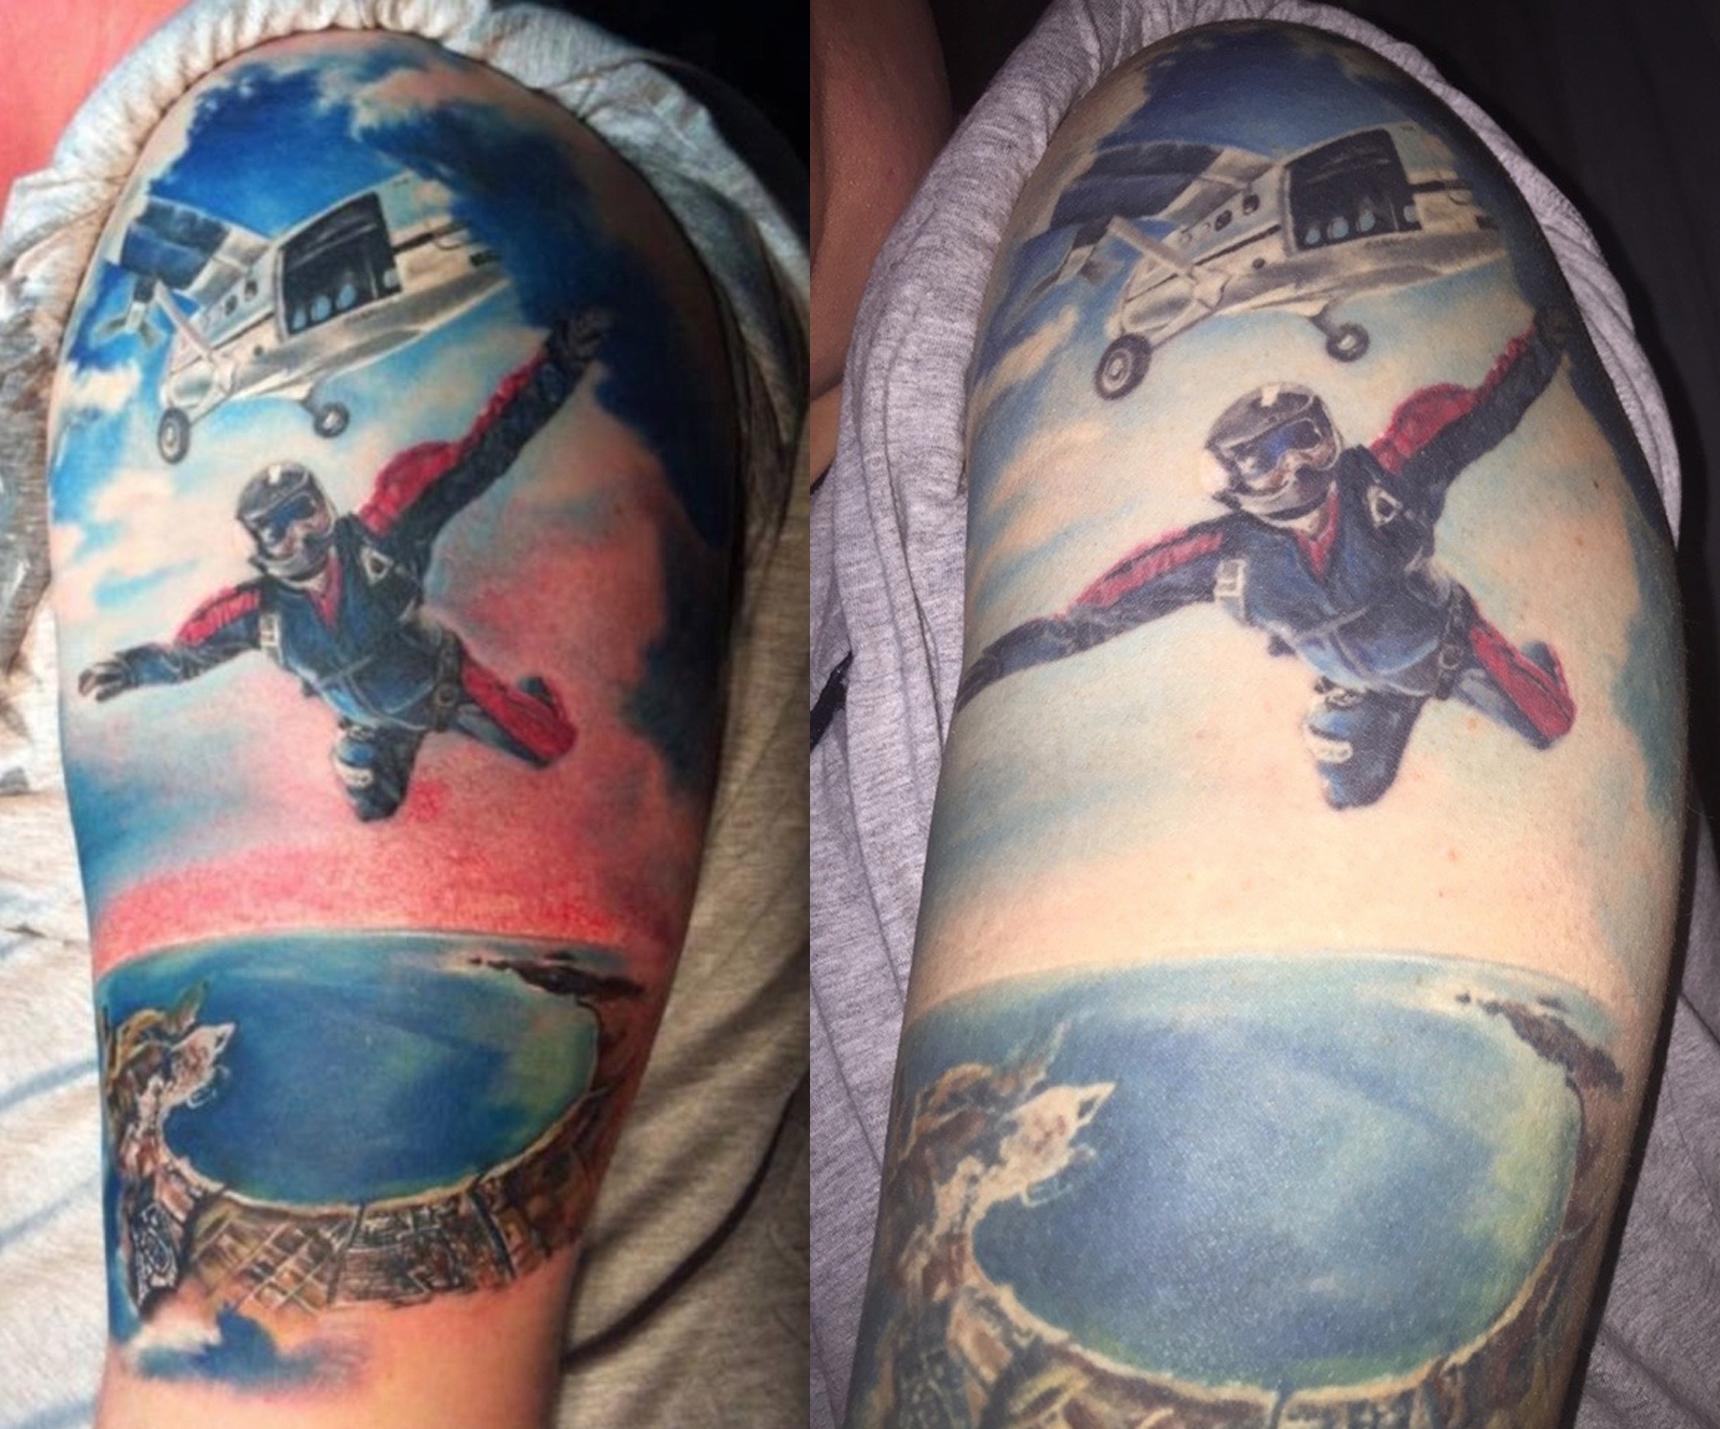 Le rughe dei tatuaggi: quando i tattoo invecchiano